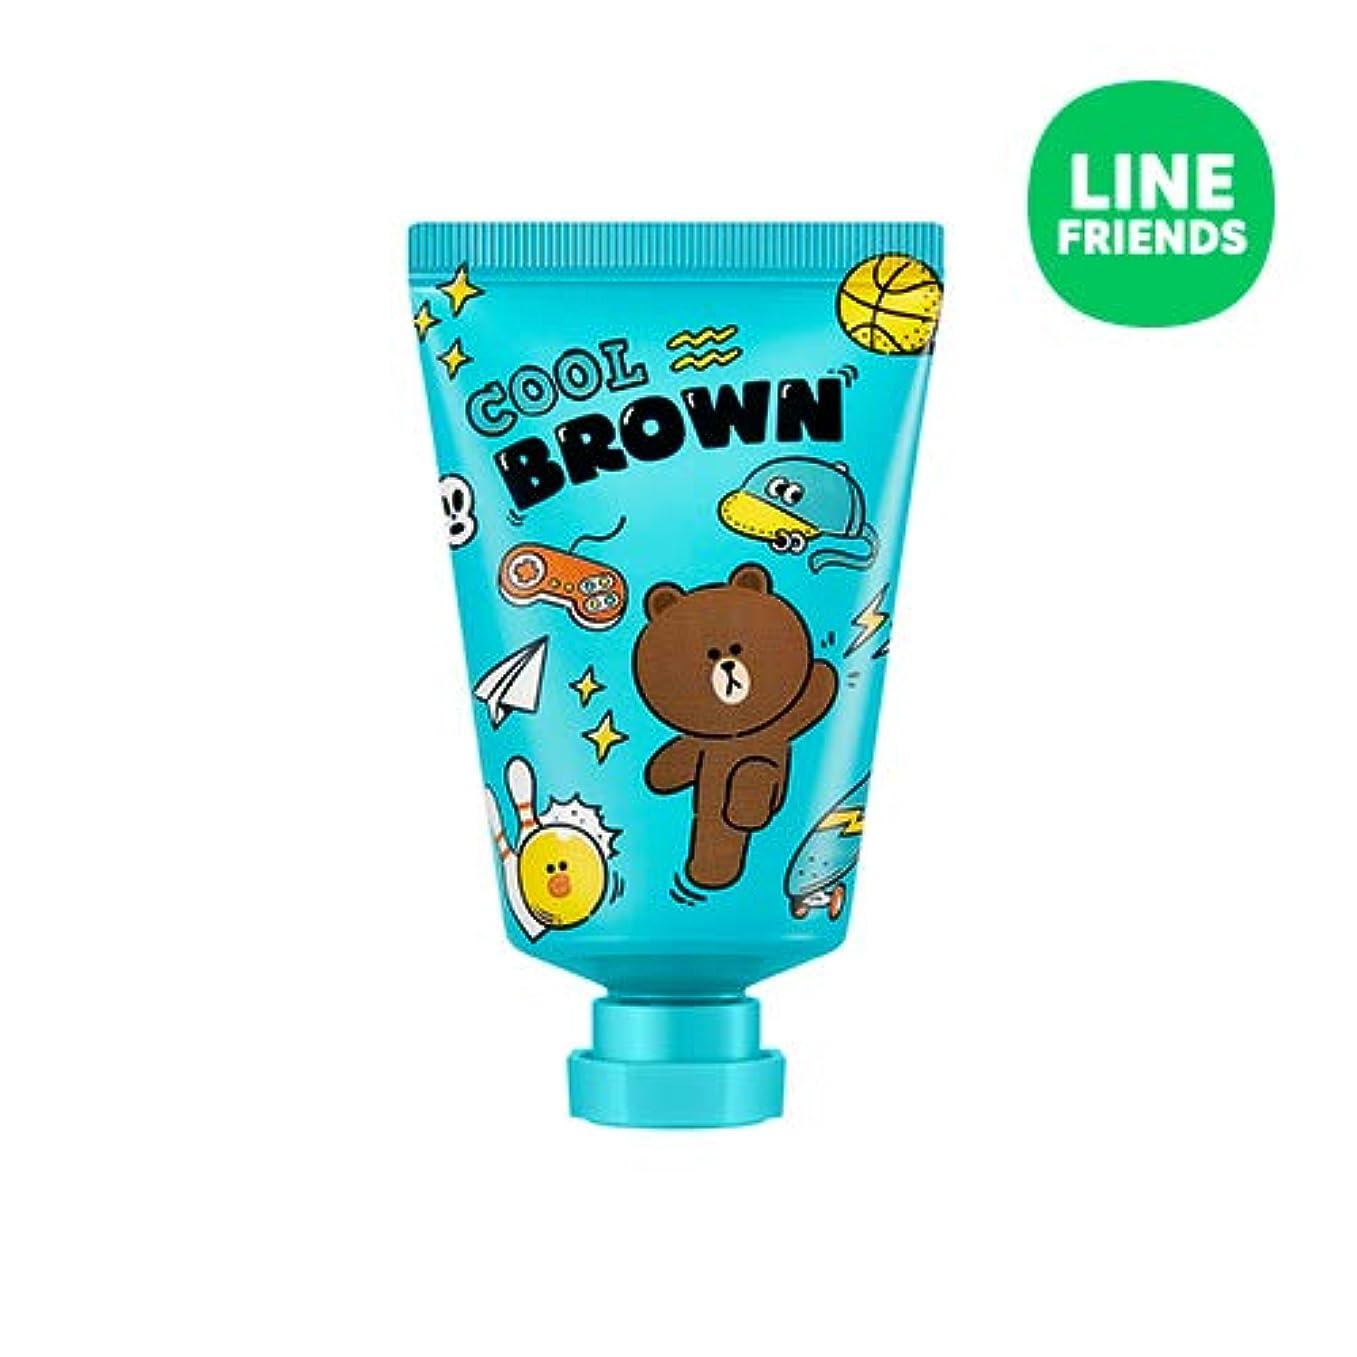 狂った征服海藻ミシャ(ラインフレンズ)ラブシークレットハンドクリーム 30ml MISSHA [Line Friends Edition] Love Secret Hand Cream - Brown # Grapefruit [並行輸入品]